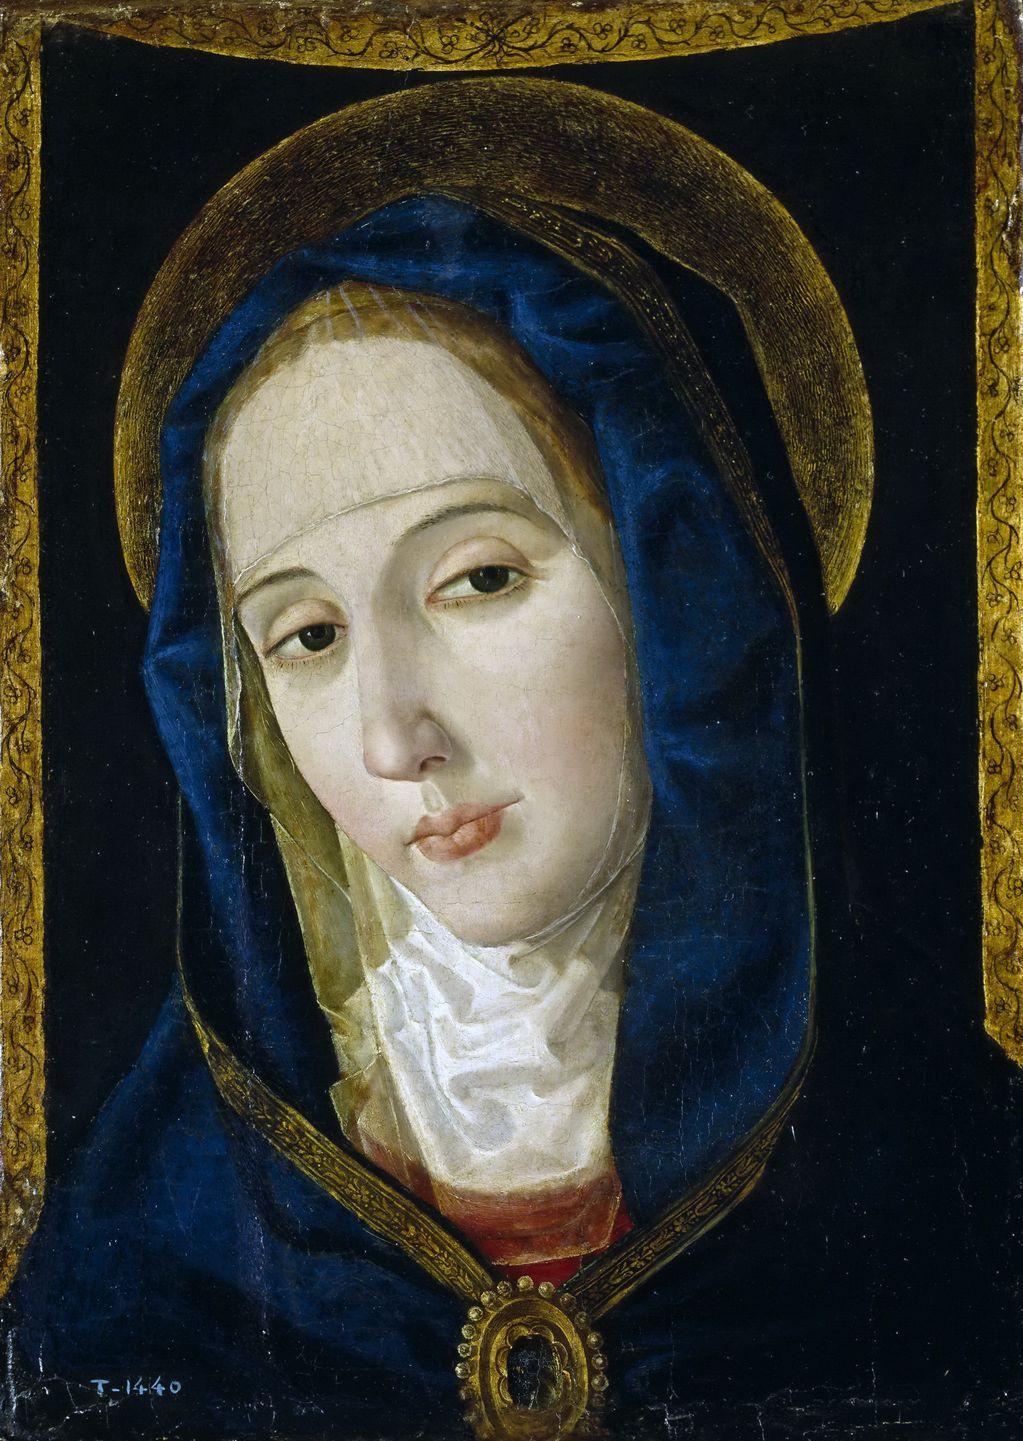 Сан Леокадио, Паоло де (1445 - ок1520) Скорбящая Мадонна